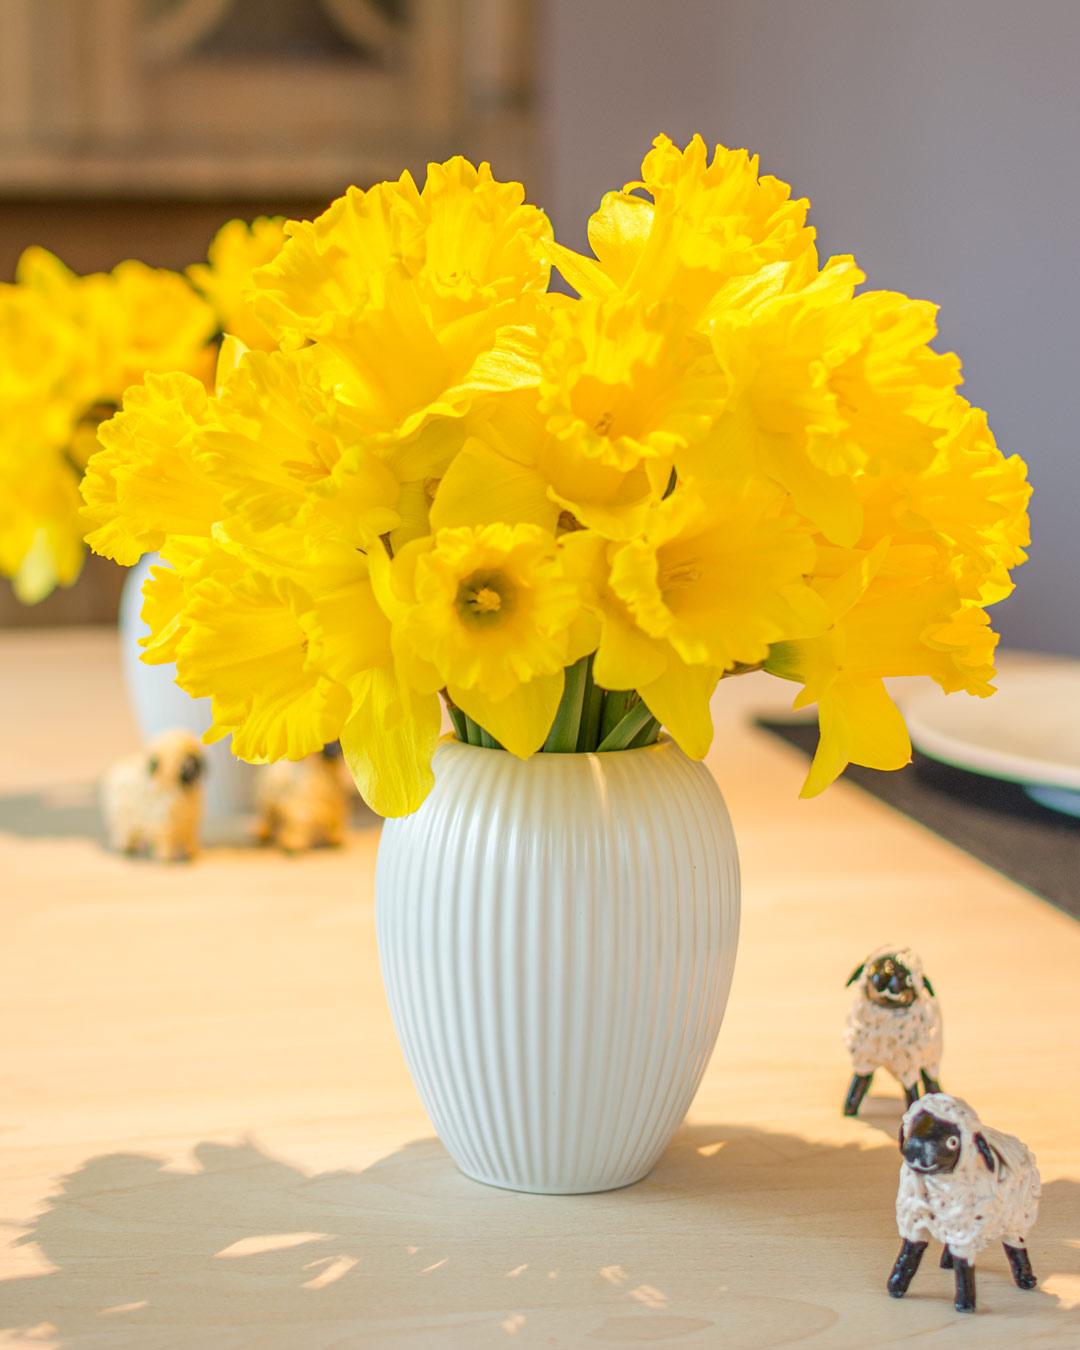 Lille hvid vase fra Michael Andersen Keramik Model 4767 med påskeliljer og påskelam